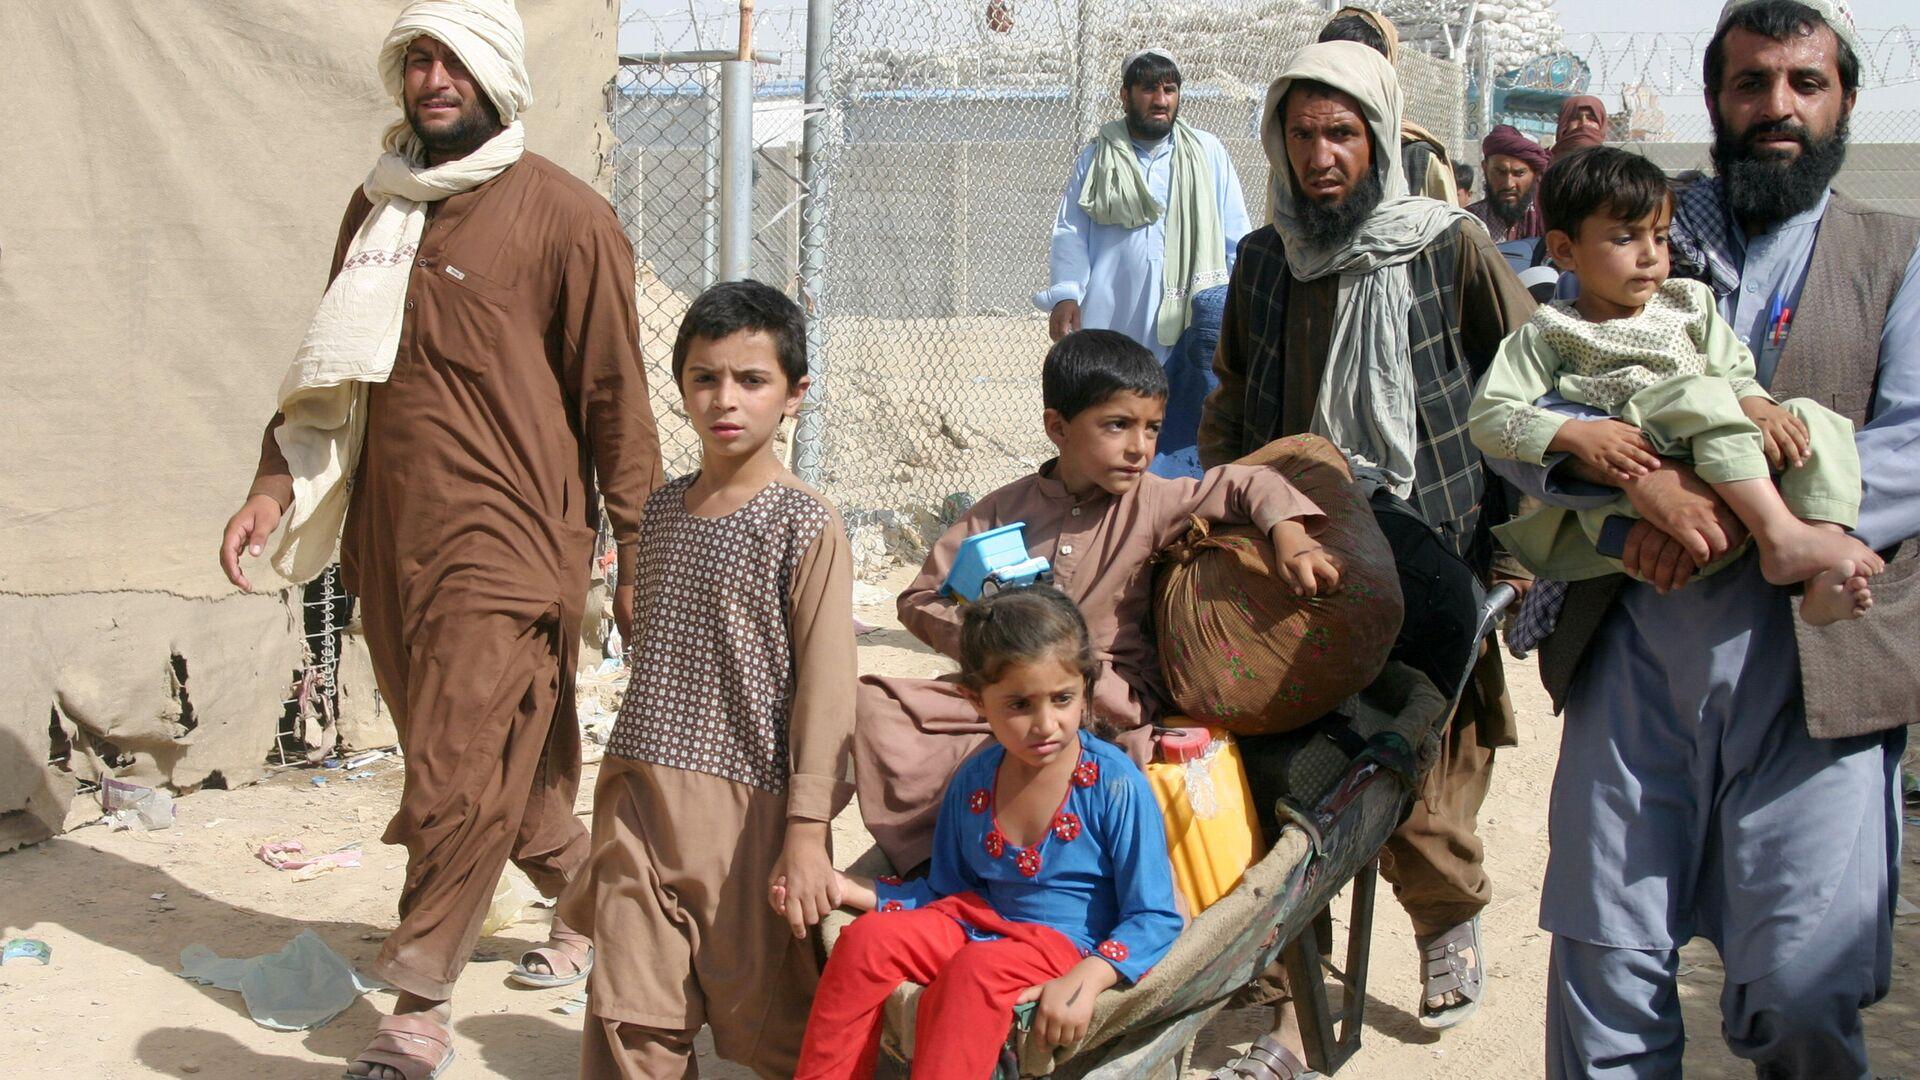 Семья из Афганистана на контрольно-пропускном пункте Ворота дружбы в пакистано-афганском пограничном городе Чаман, Пакистан - Sputnik Таджикистан, 1920, 13.10.2021